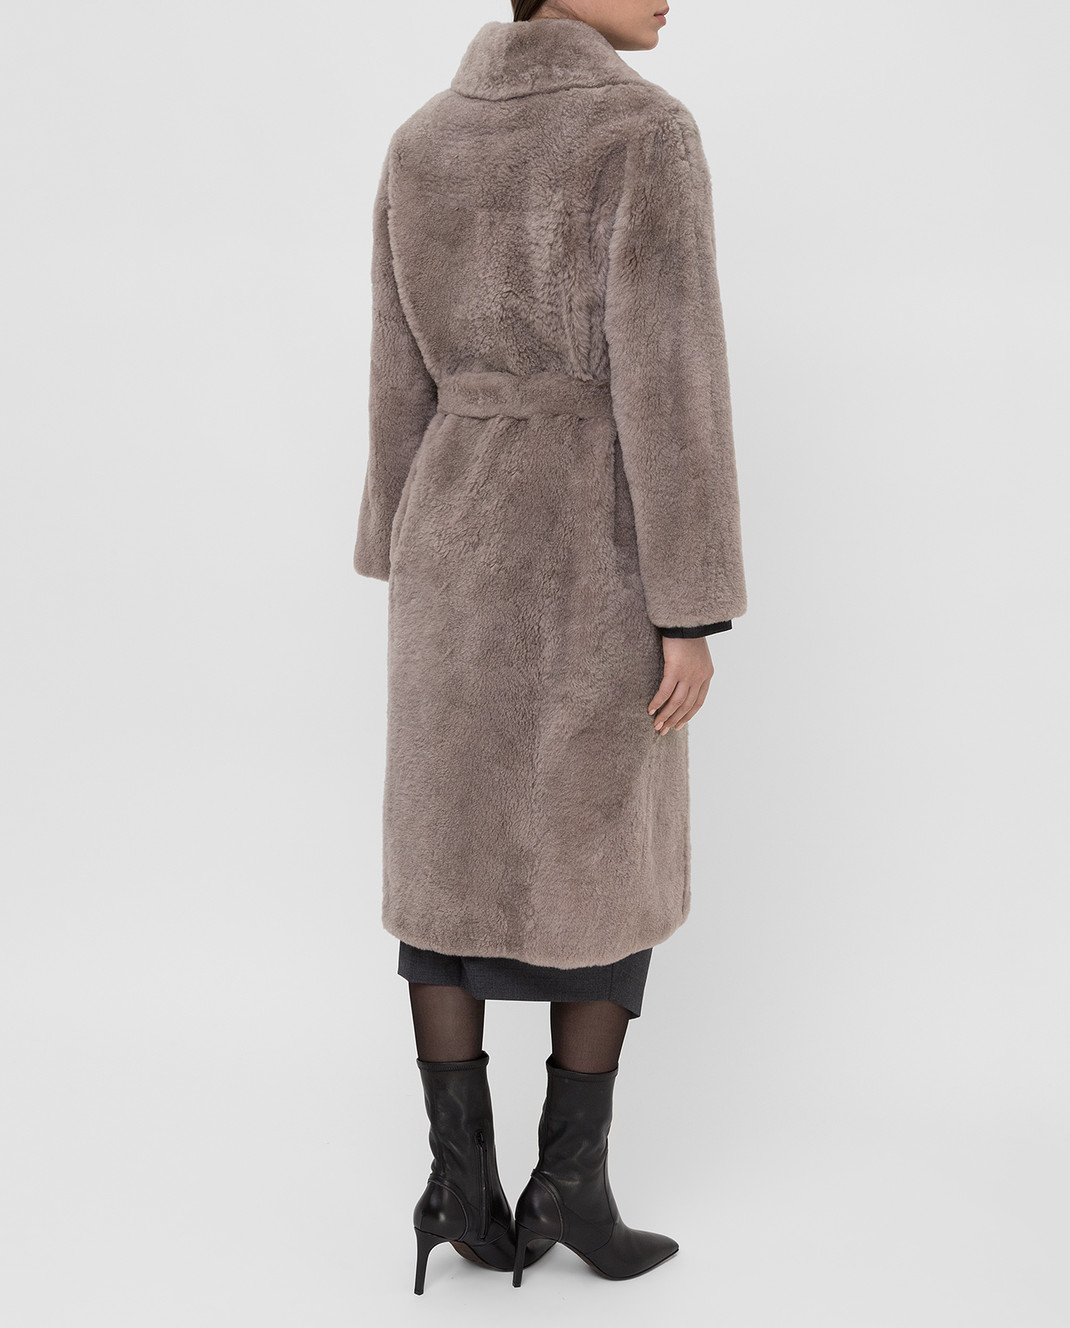 Brunello Cucinelli Бежевое меховое пальто изображение 4